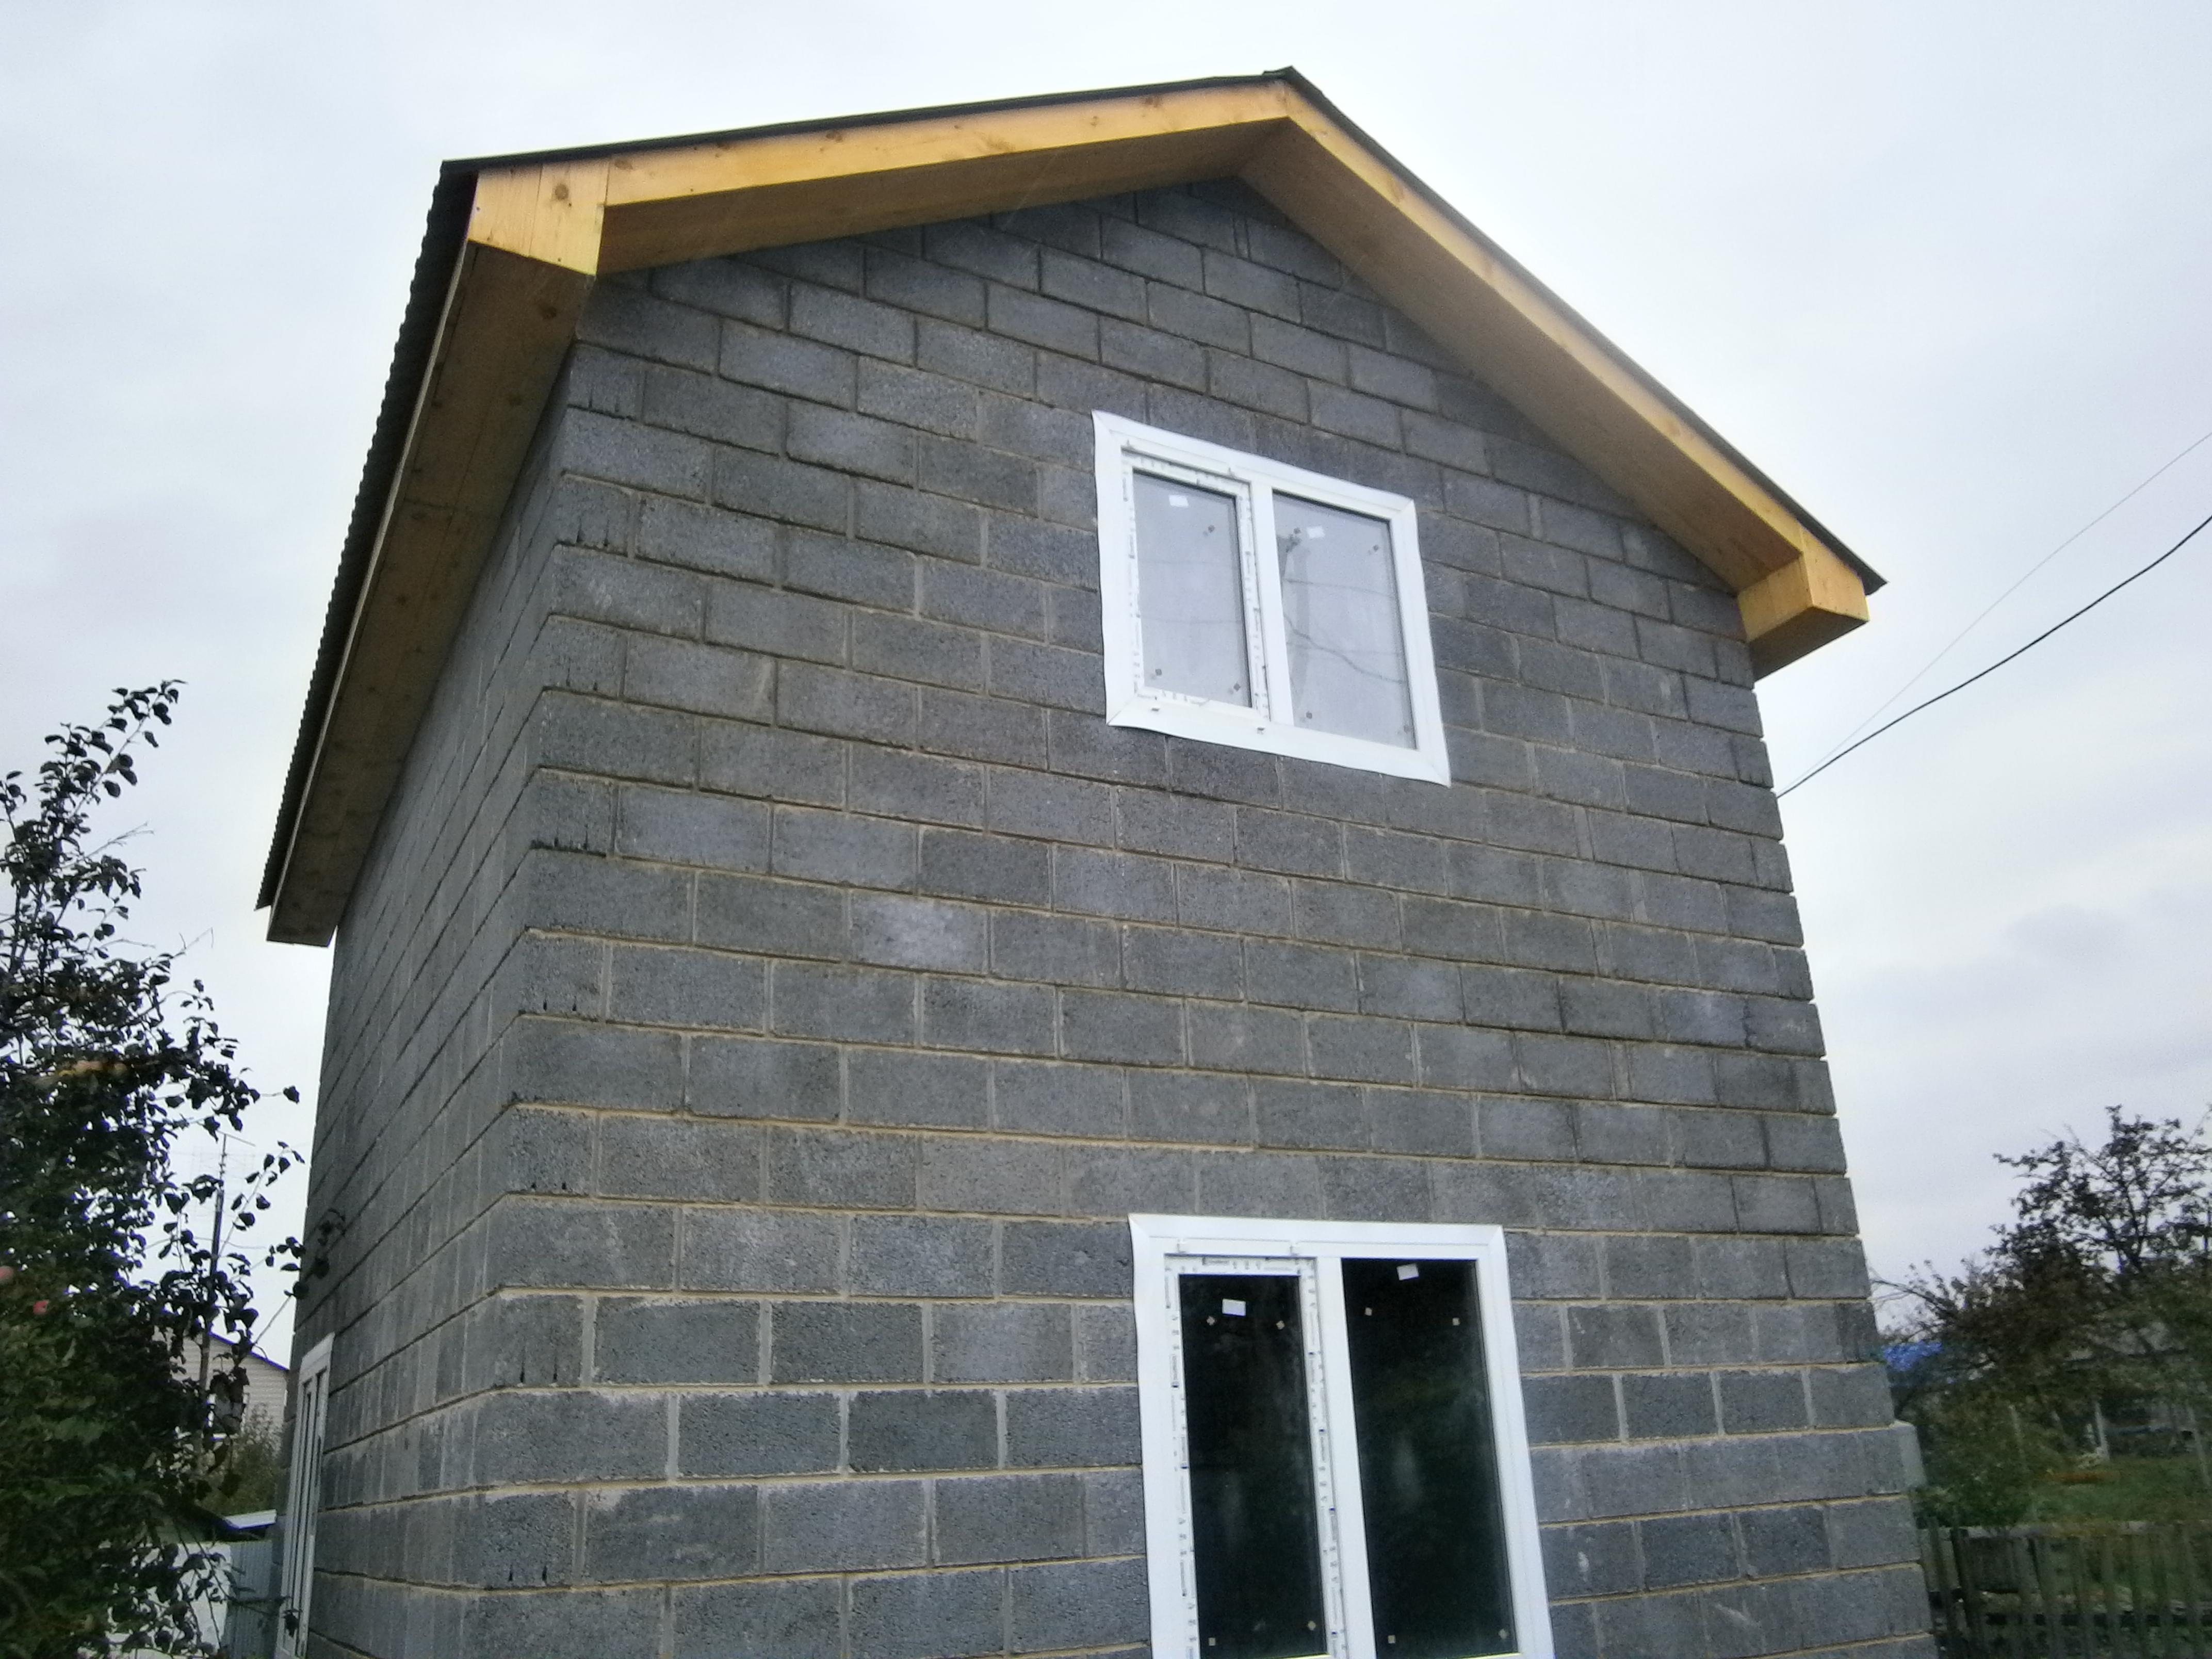 Дом из керамзитобетона с мансардой купить глубинные вибраторы для бетона в нижнем новгороде